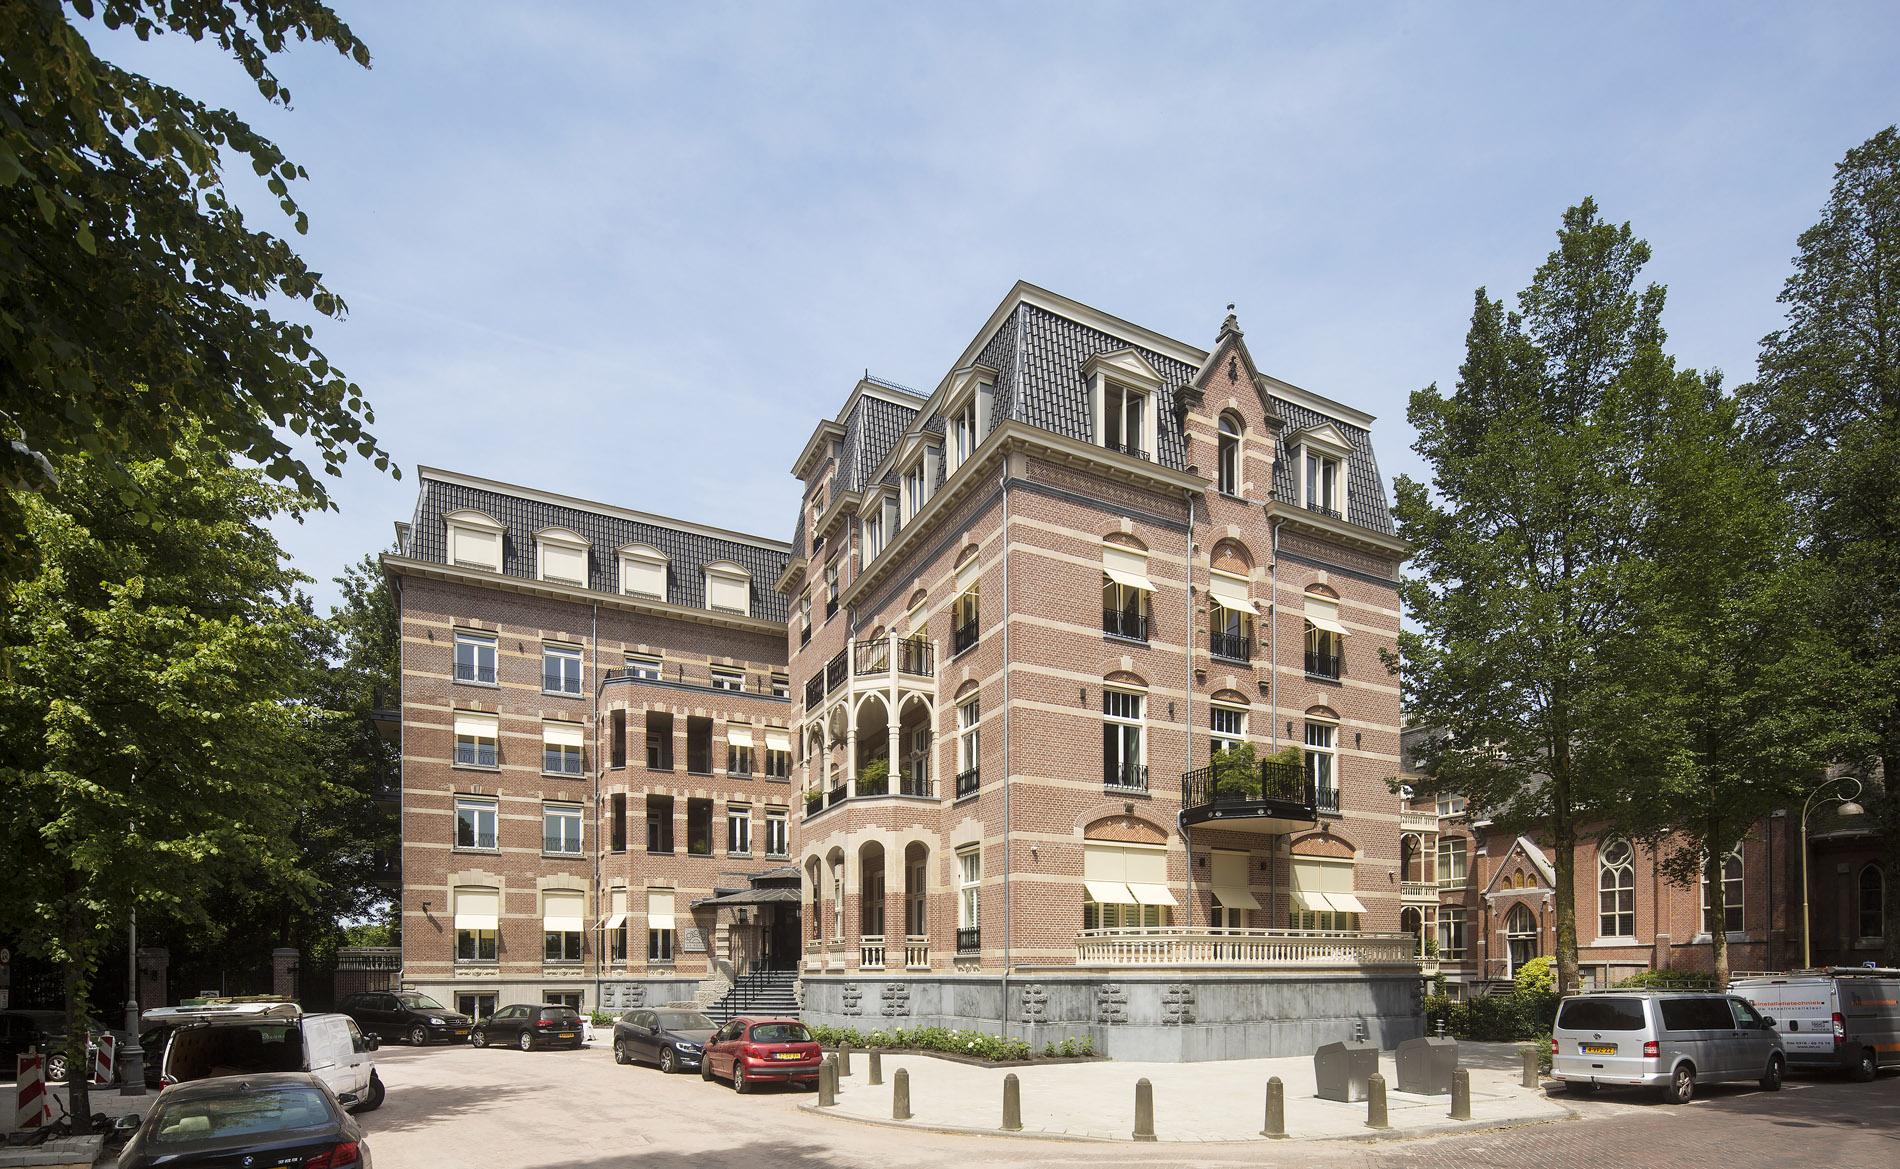 appartementen La Reine Amsterdam architect Ton van 't Hoff BBHD architecten nieuwbouwprijs transformatie